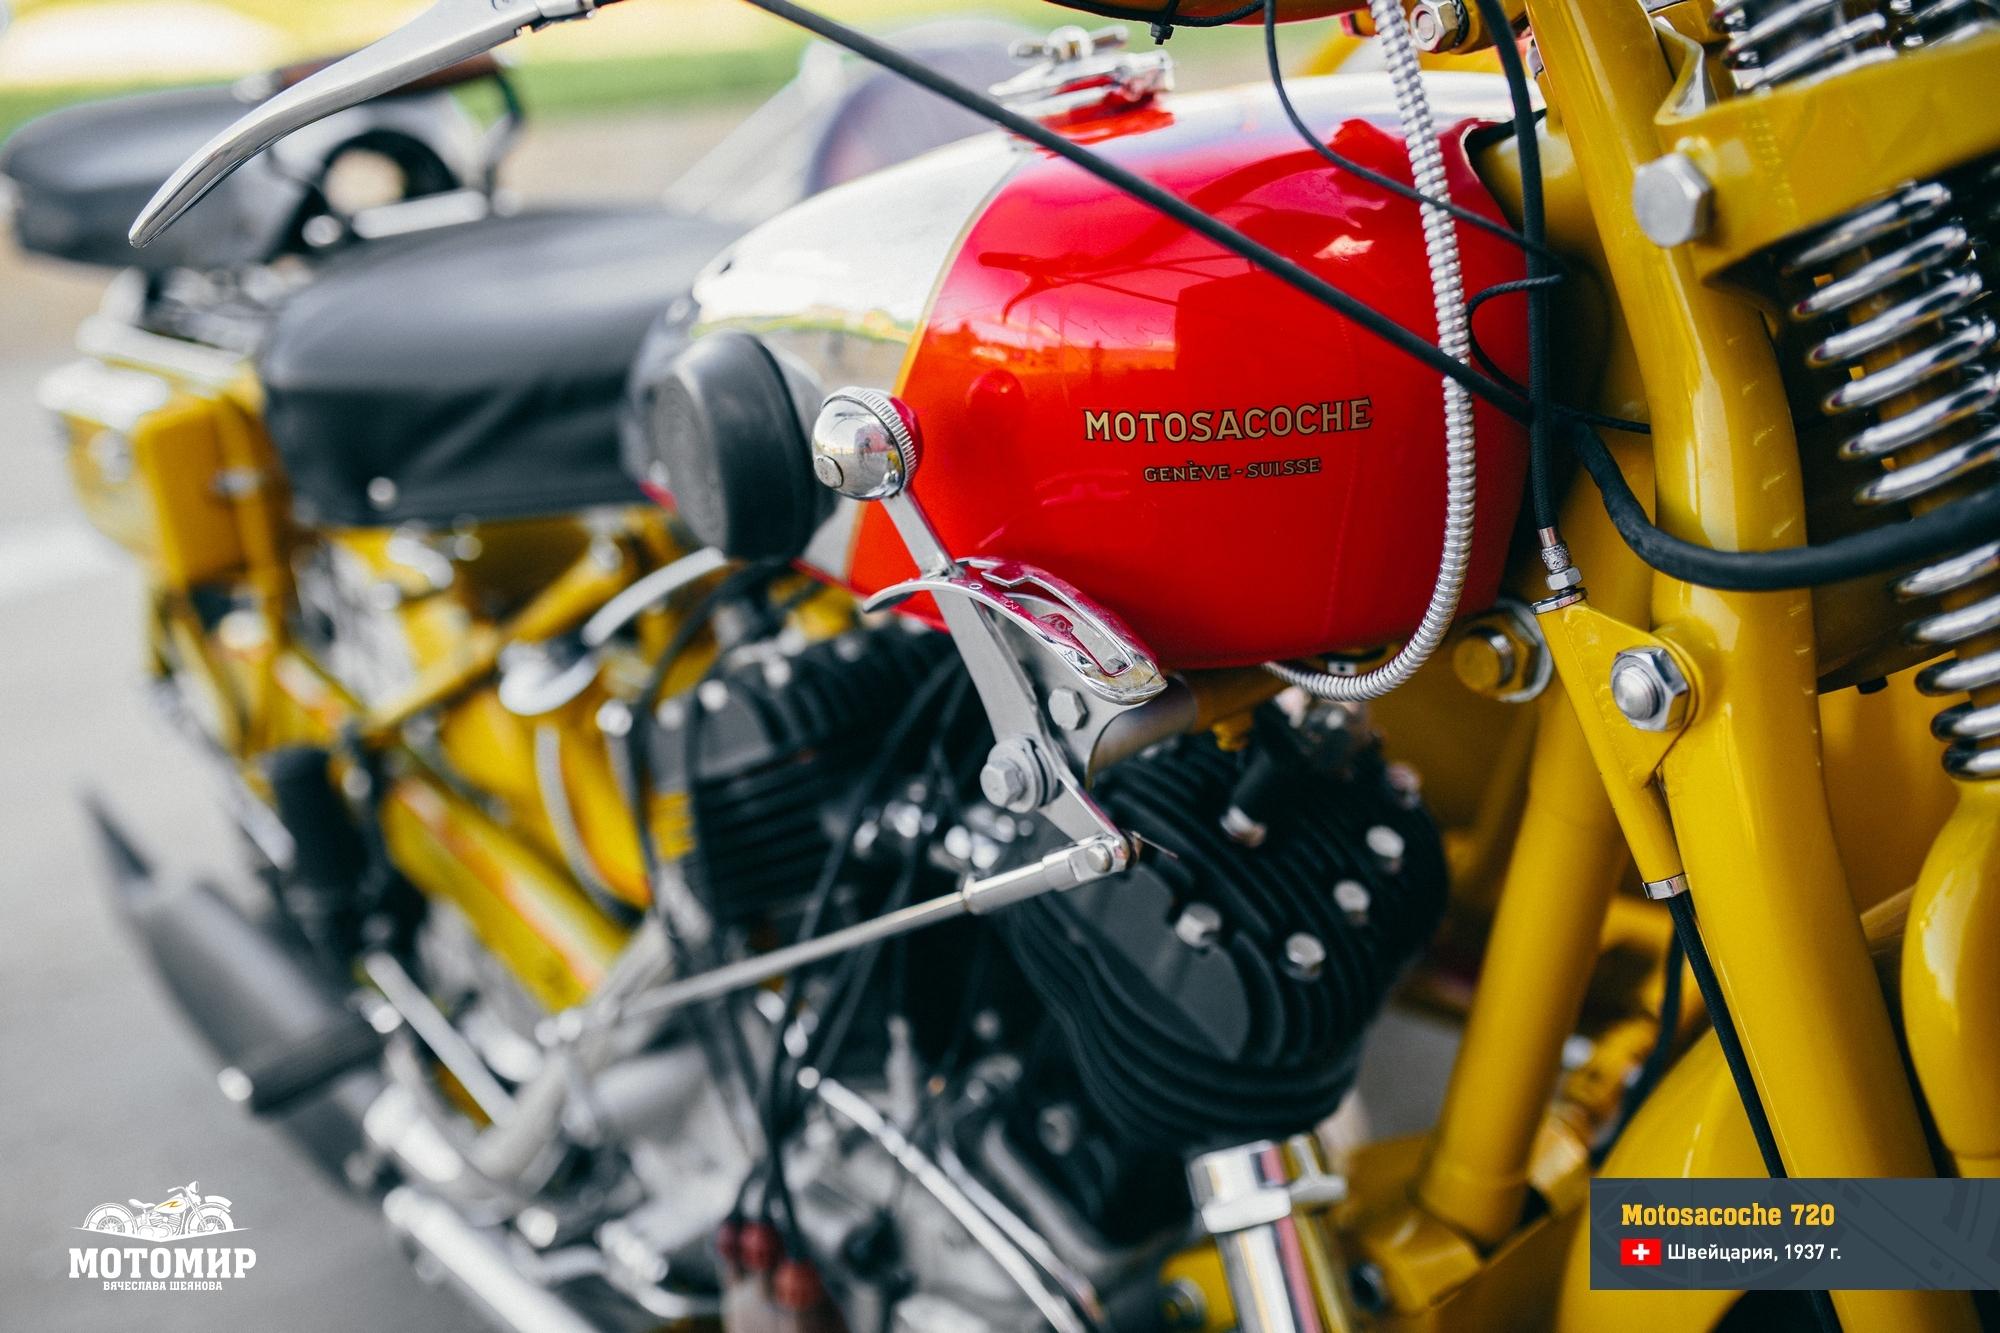 motosacoche-720-201510-web-21